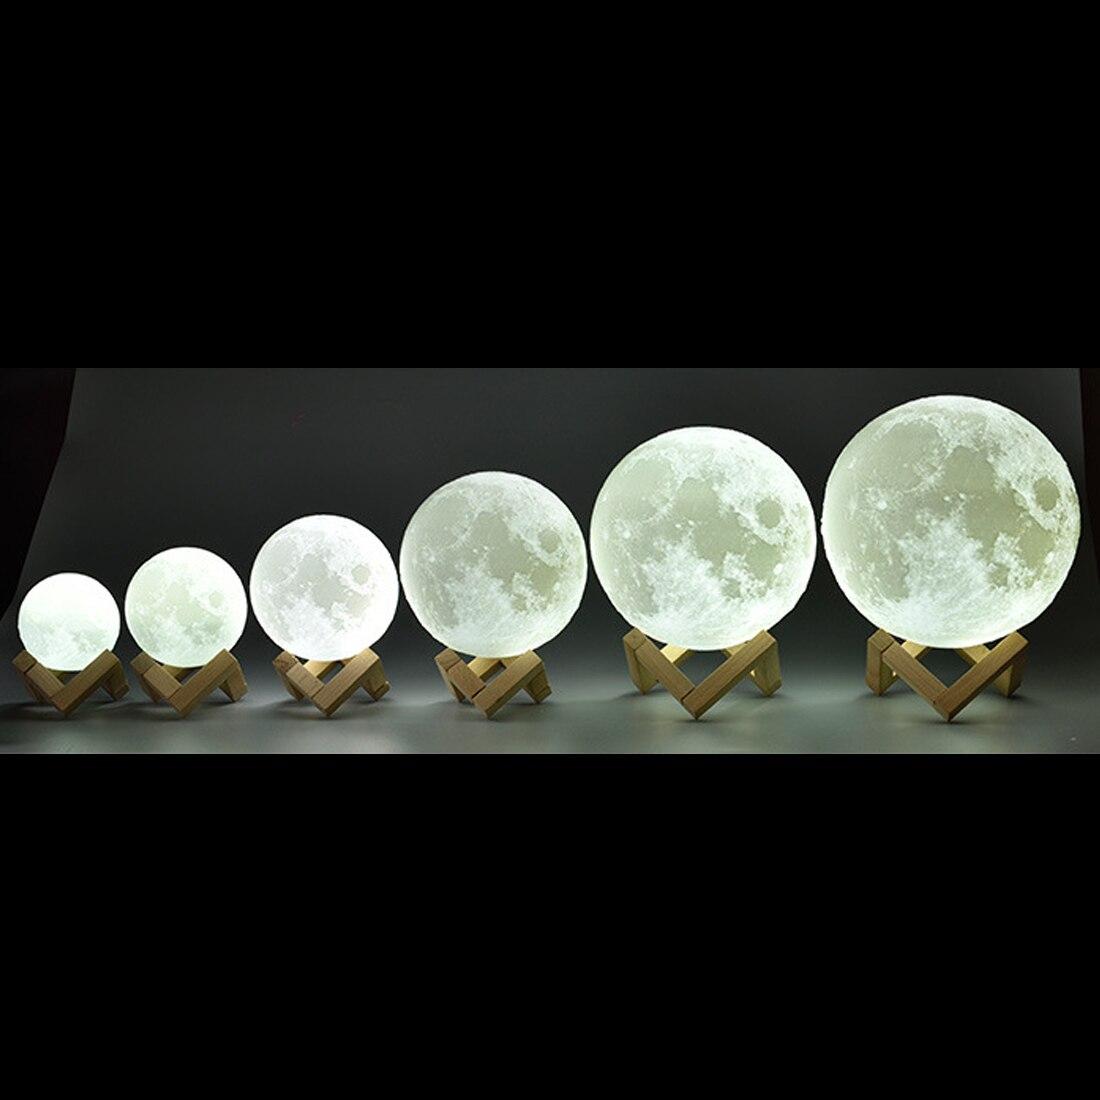 Recargable lámpara de Luna 2 cambio de Color 3D Interruptor táctil para luz 3D imprimir lámpara Luna luz de noche con soporte para dormitorio, regalos creativos